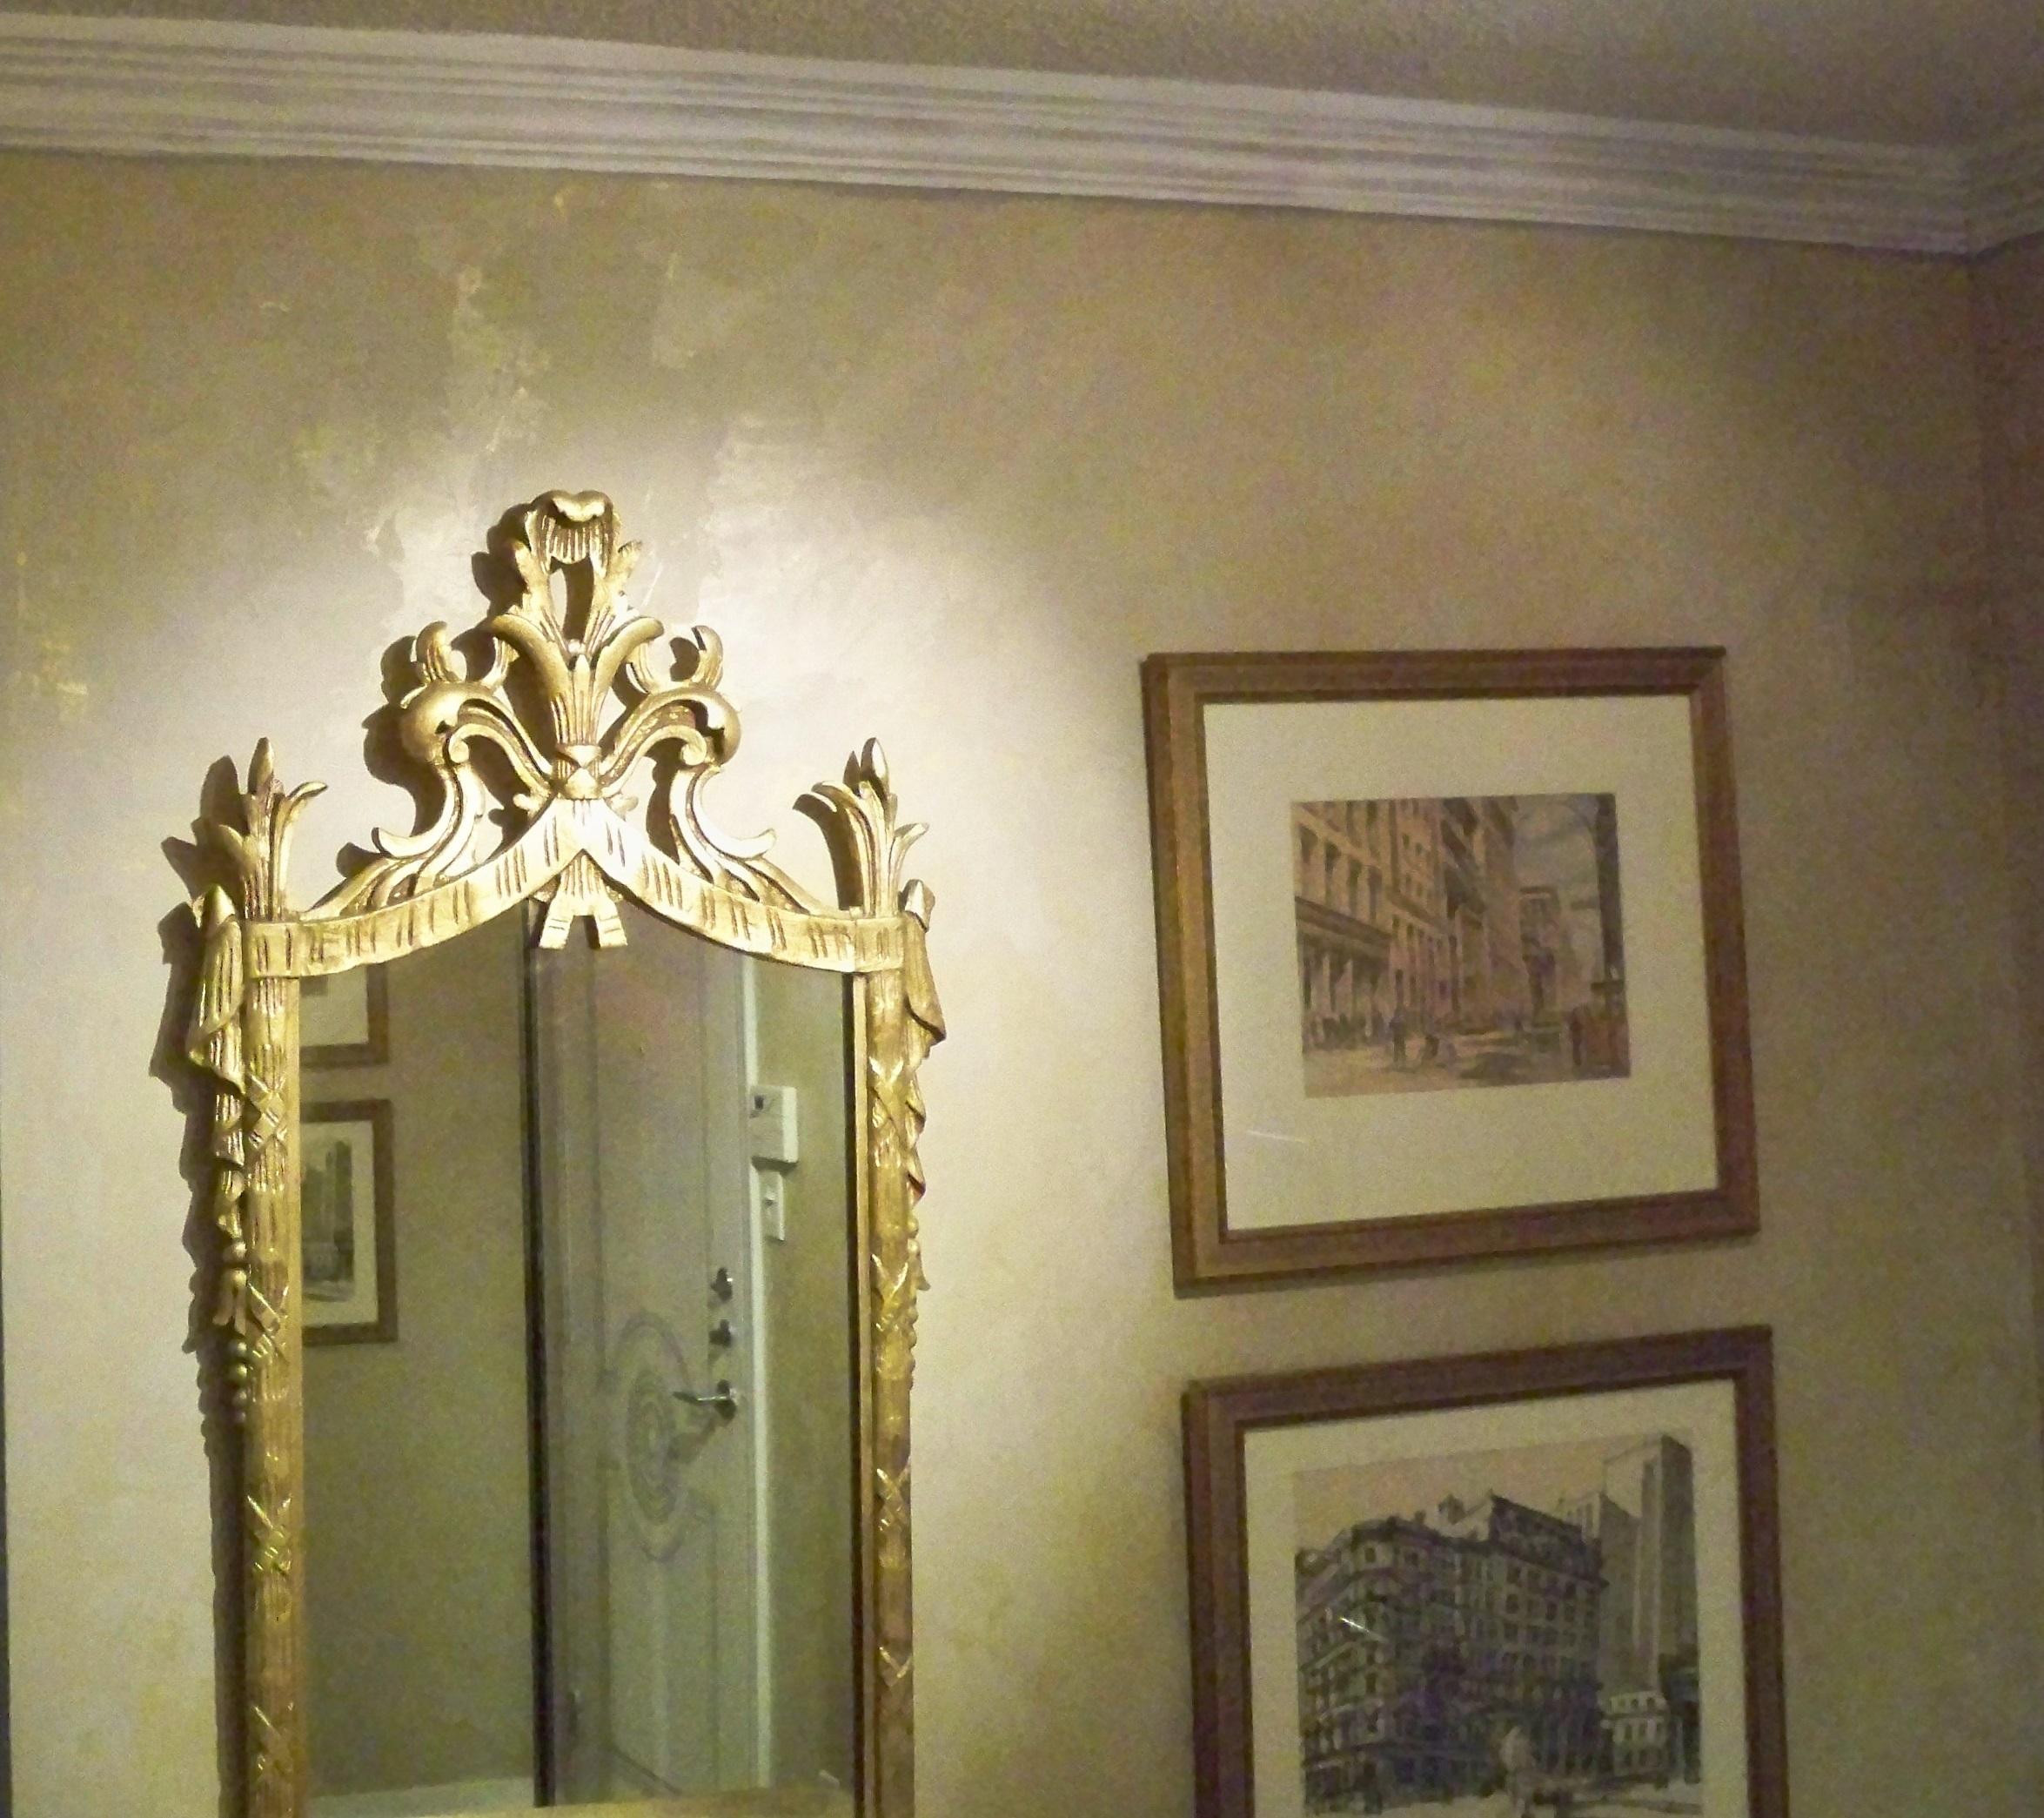 Murals By Marg Front Foyer Venetian Plaster 1.jpg